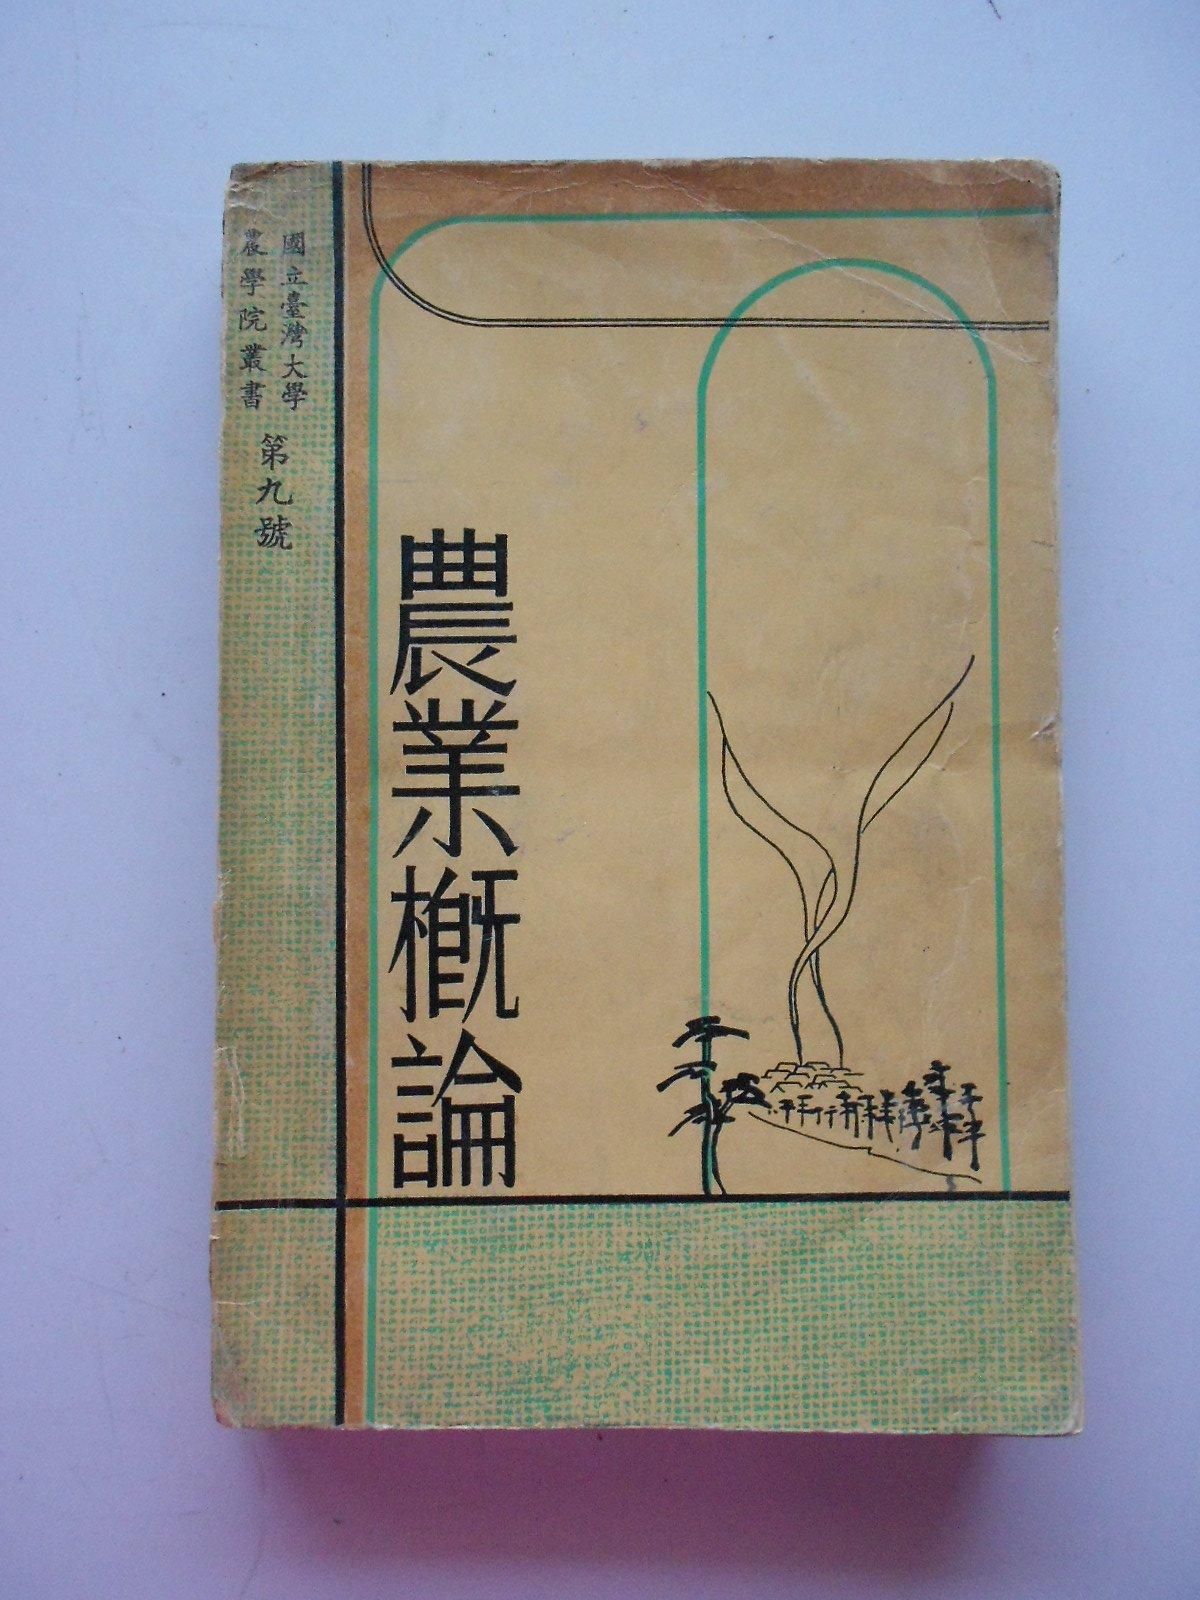 hs47554351  國立臺灣大學農學院叢書第九號  農業概論  馬保之  民國52年